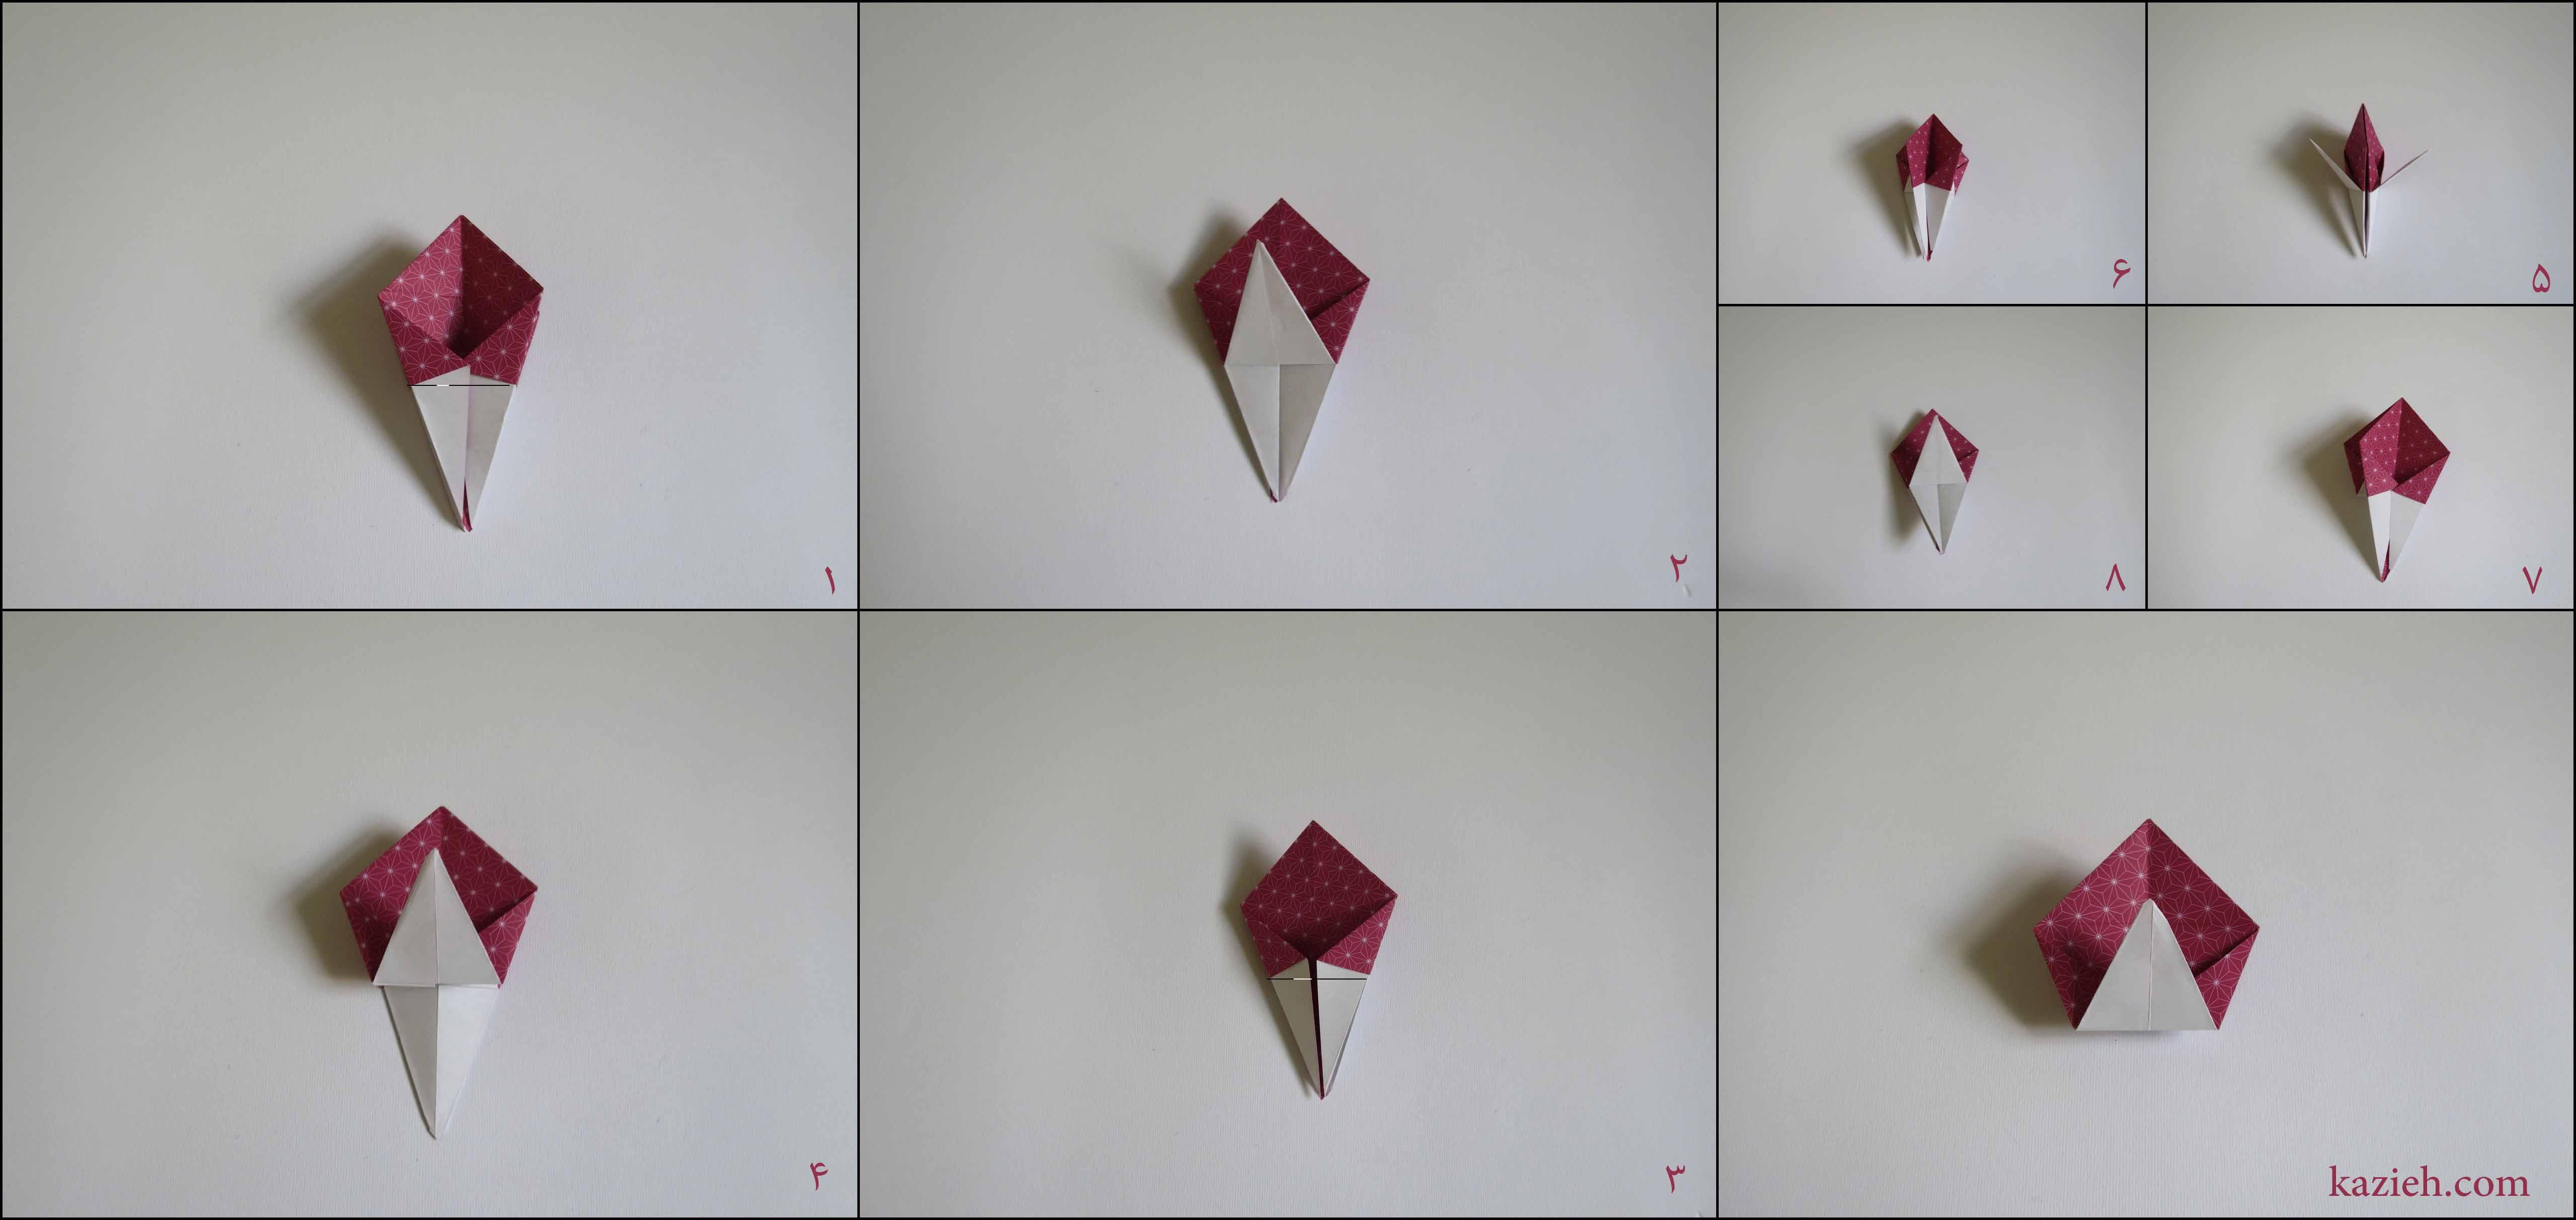 آموزش جعبه ستارهای اوریگامی کازیه - مرحله هفتم